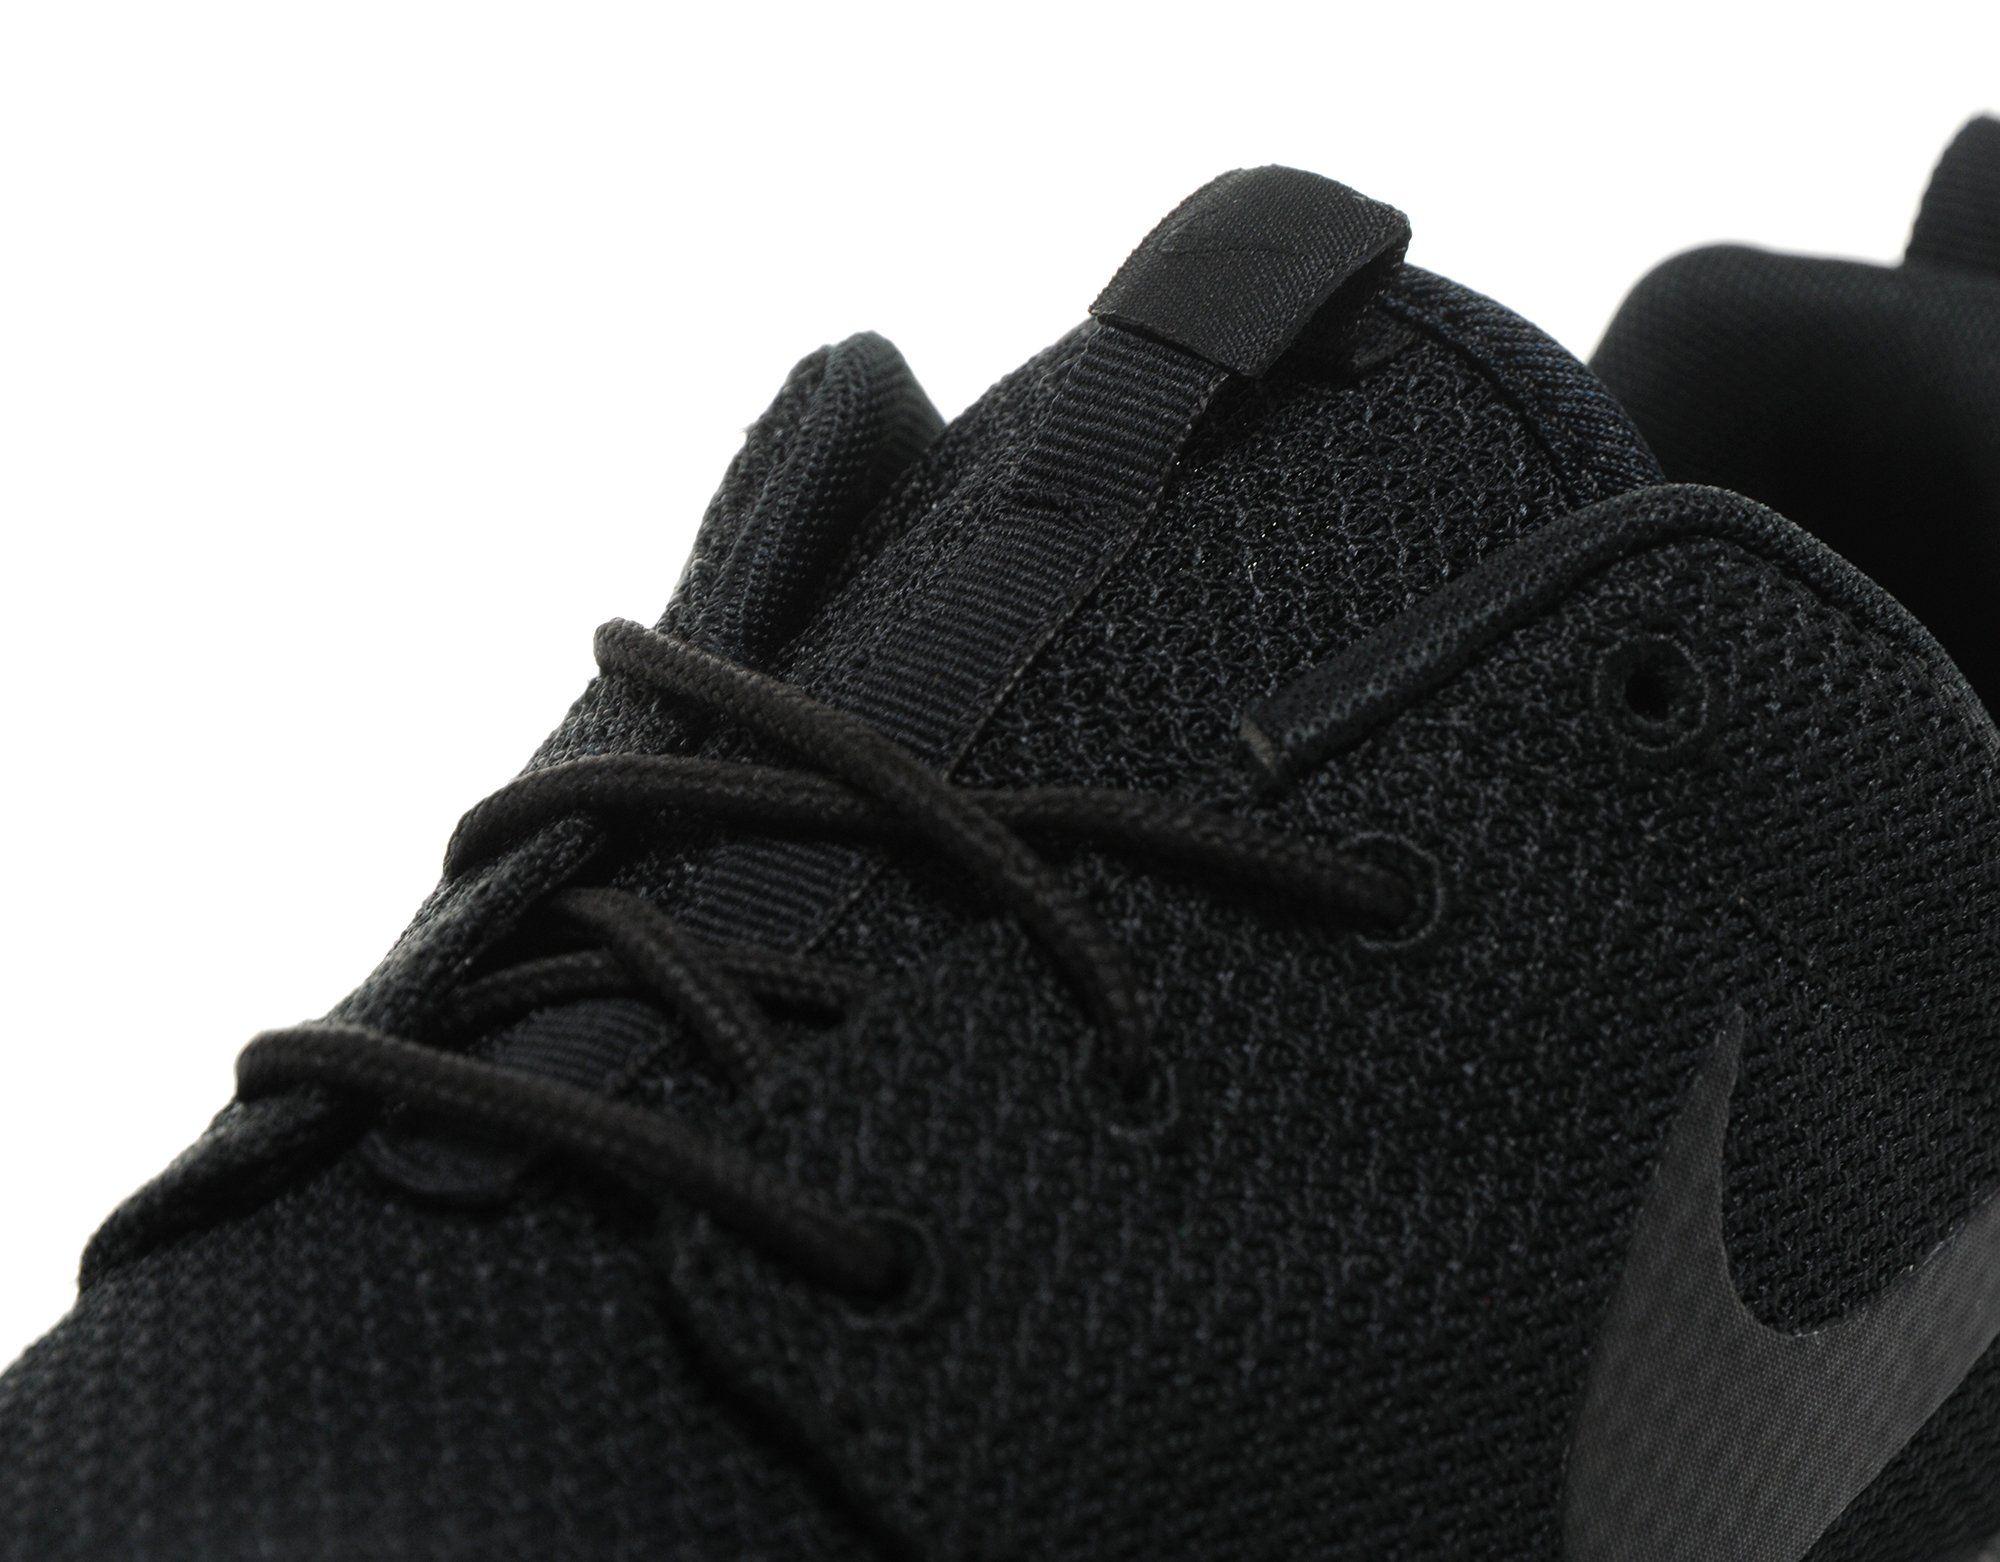 hzqse Nike Roshe One | JD Sports